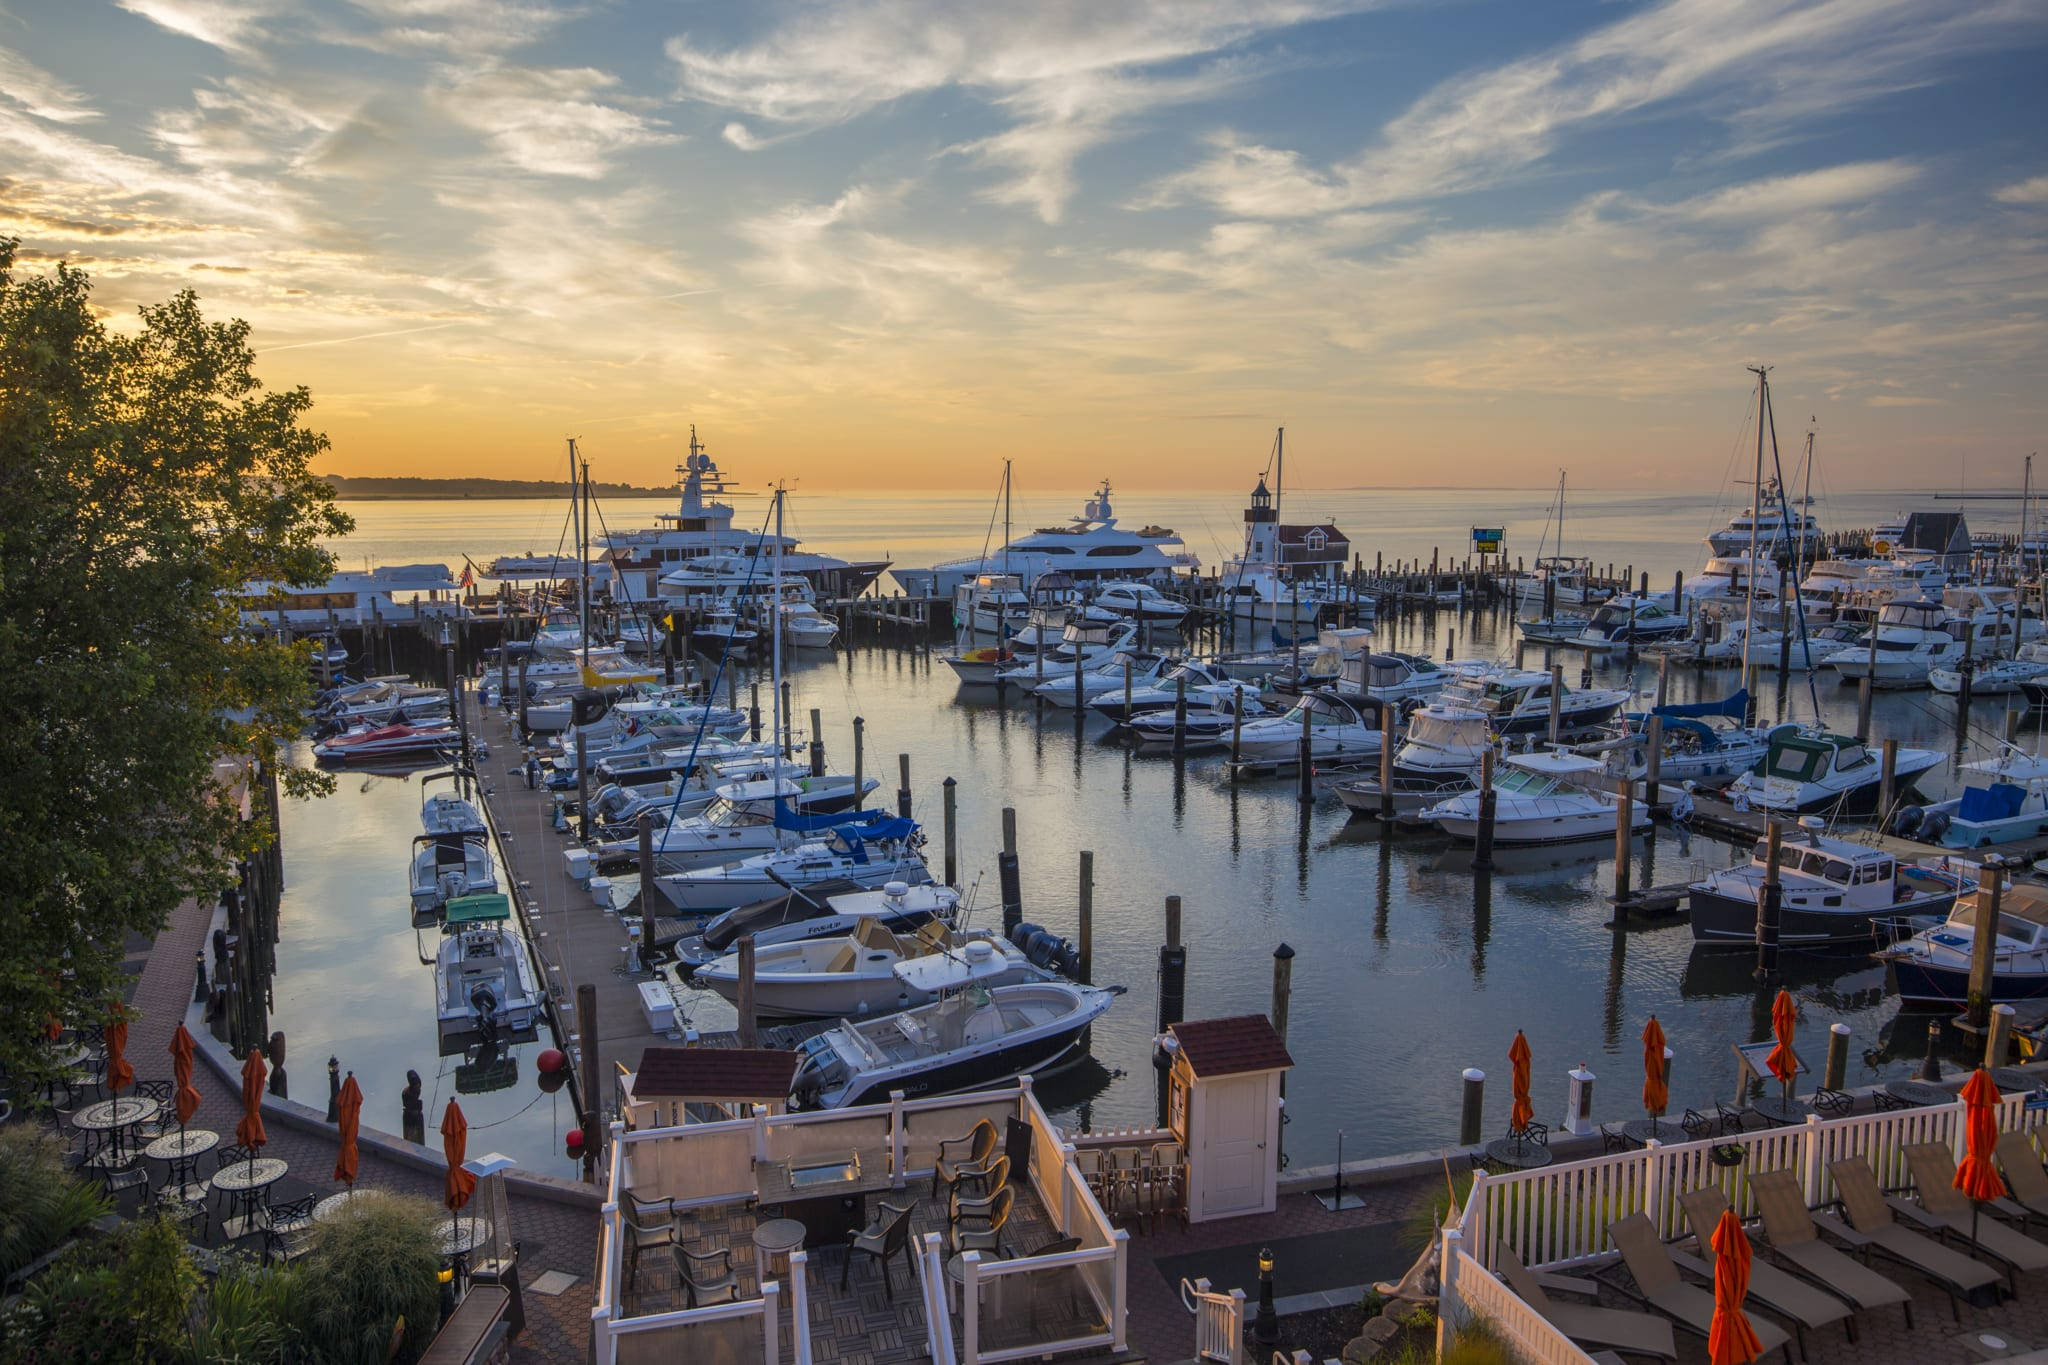 Sunrise over a marina full of boats